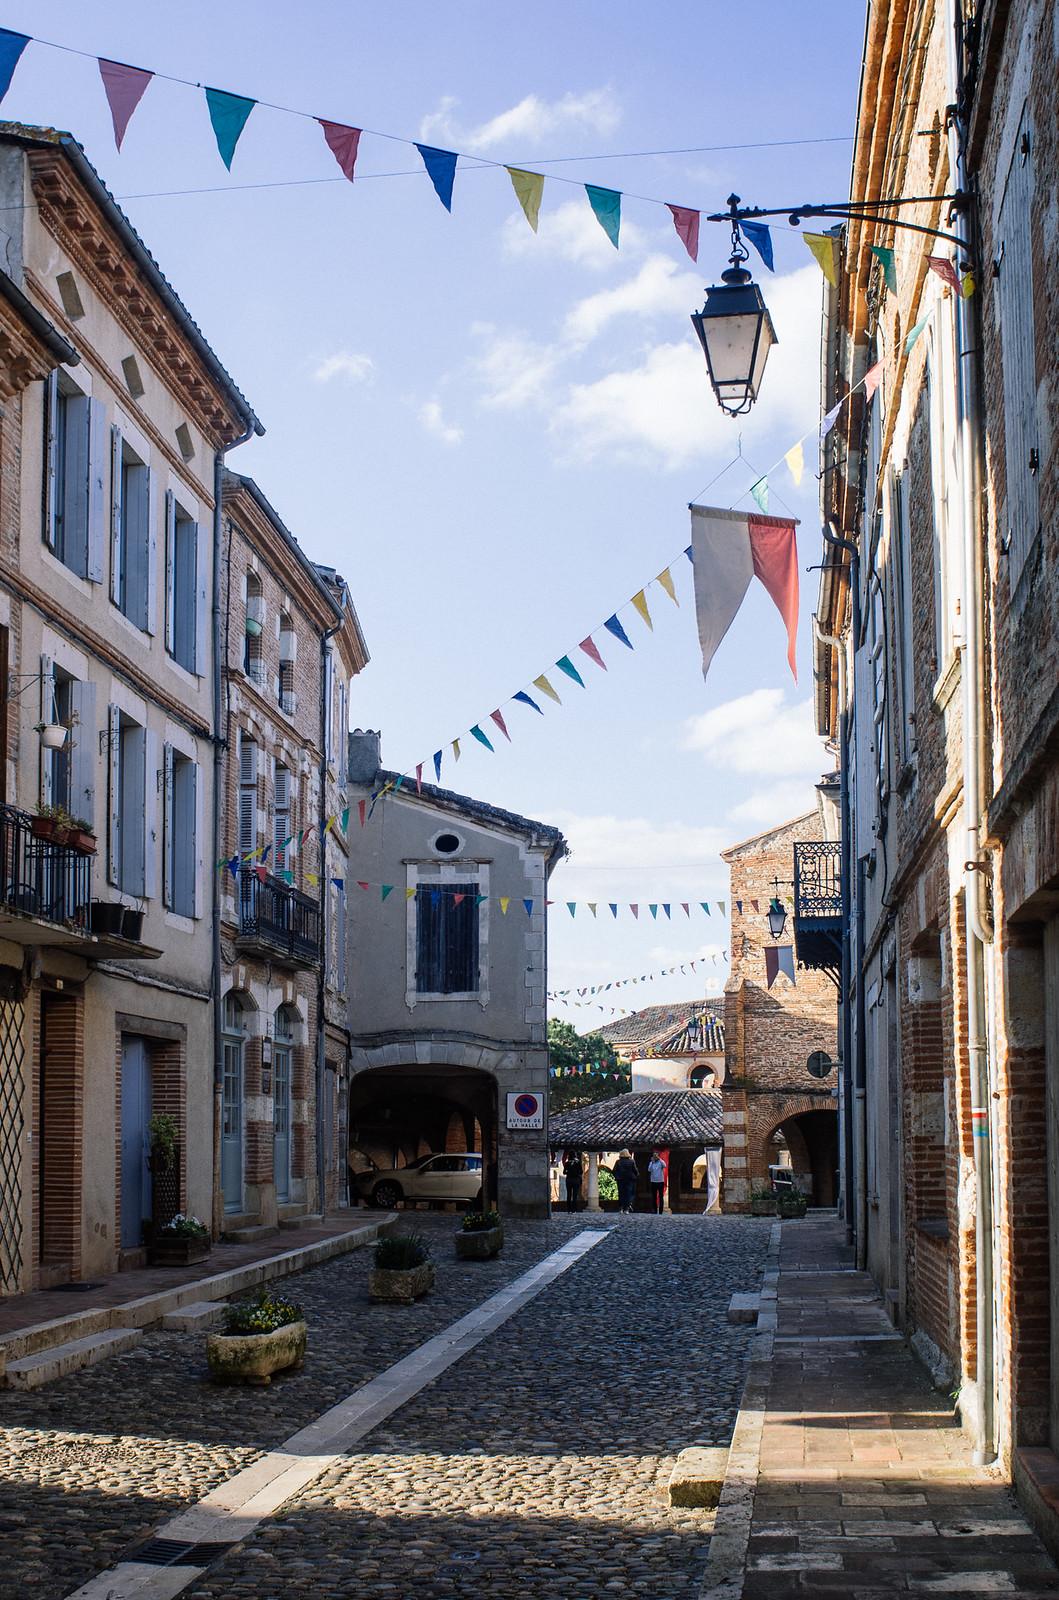 Auvillar, en direction de la place de la halle au grain - Carnet de voyage Tarn-et-Garonne